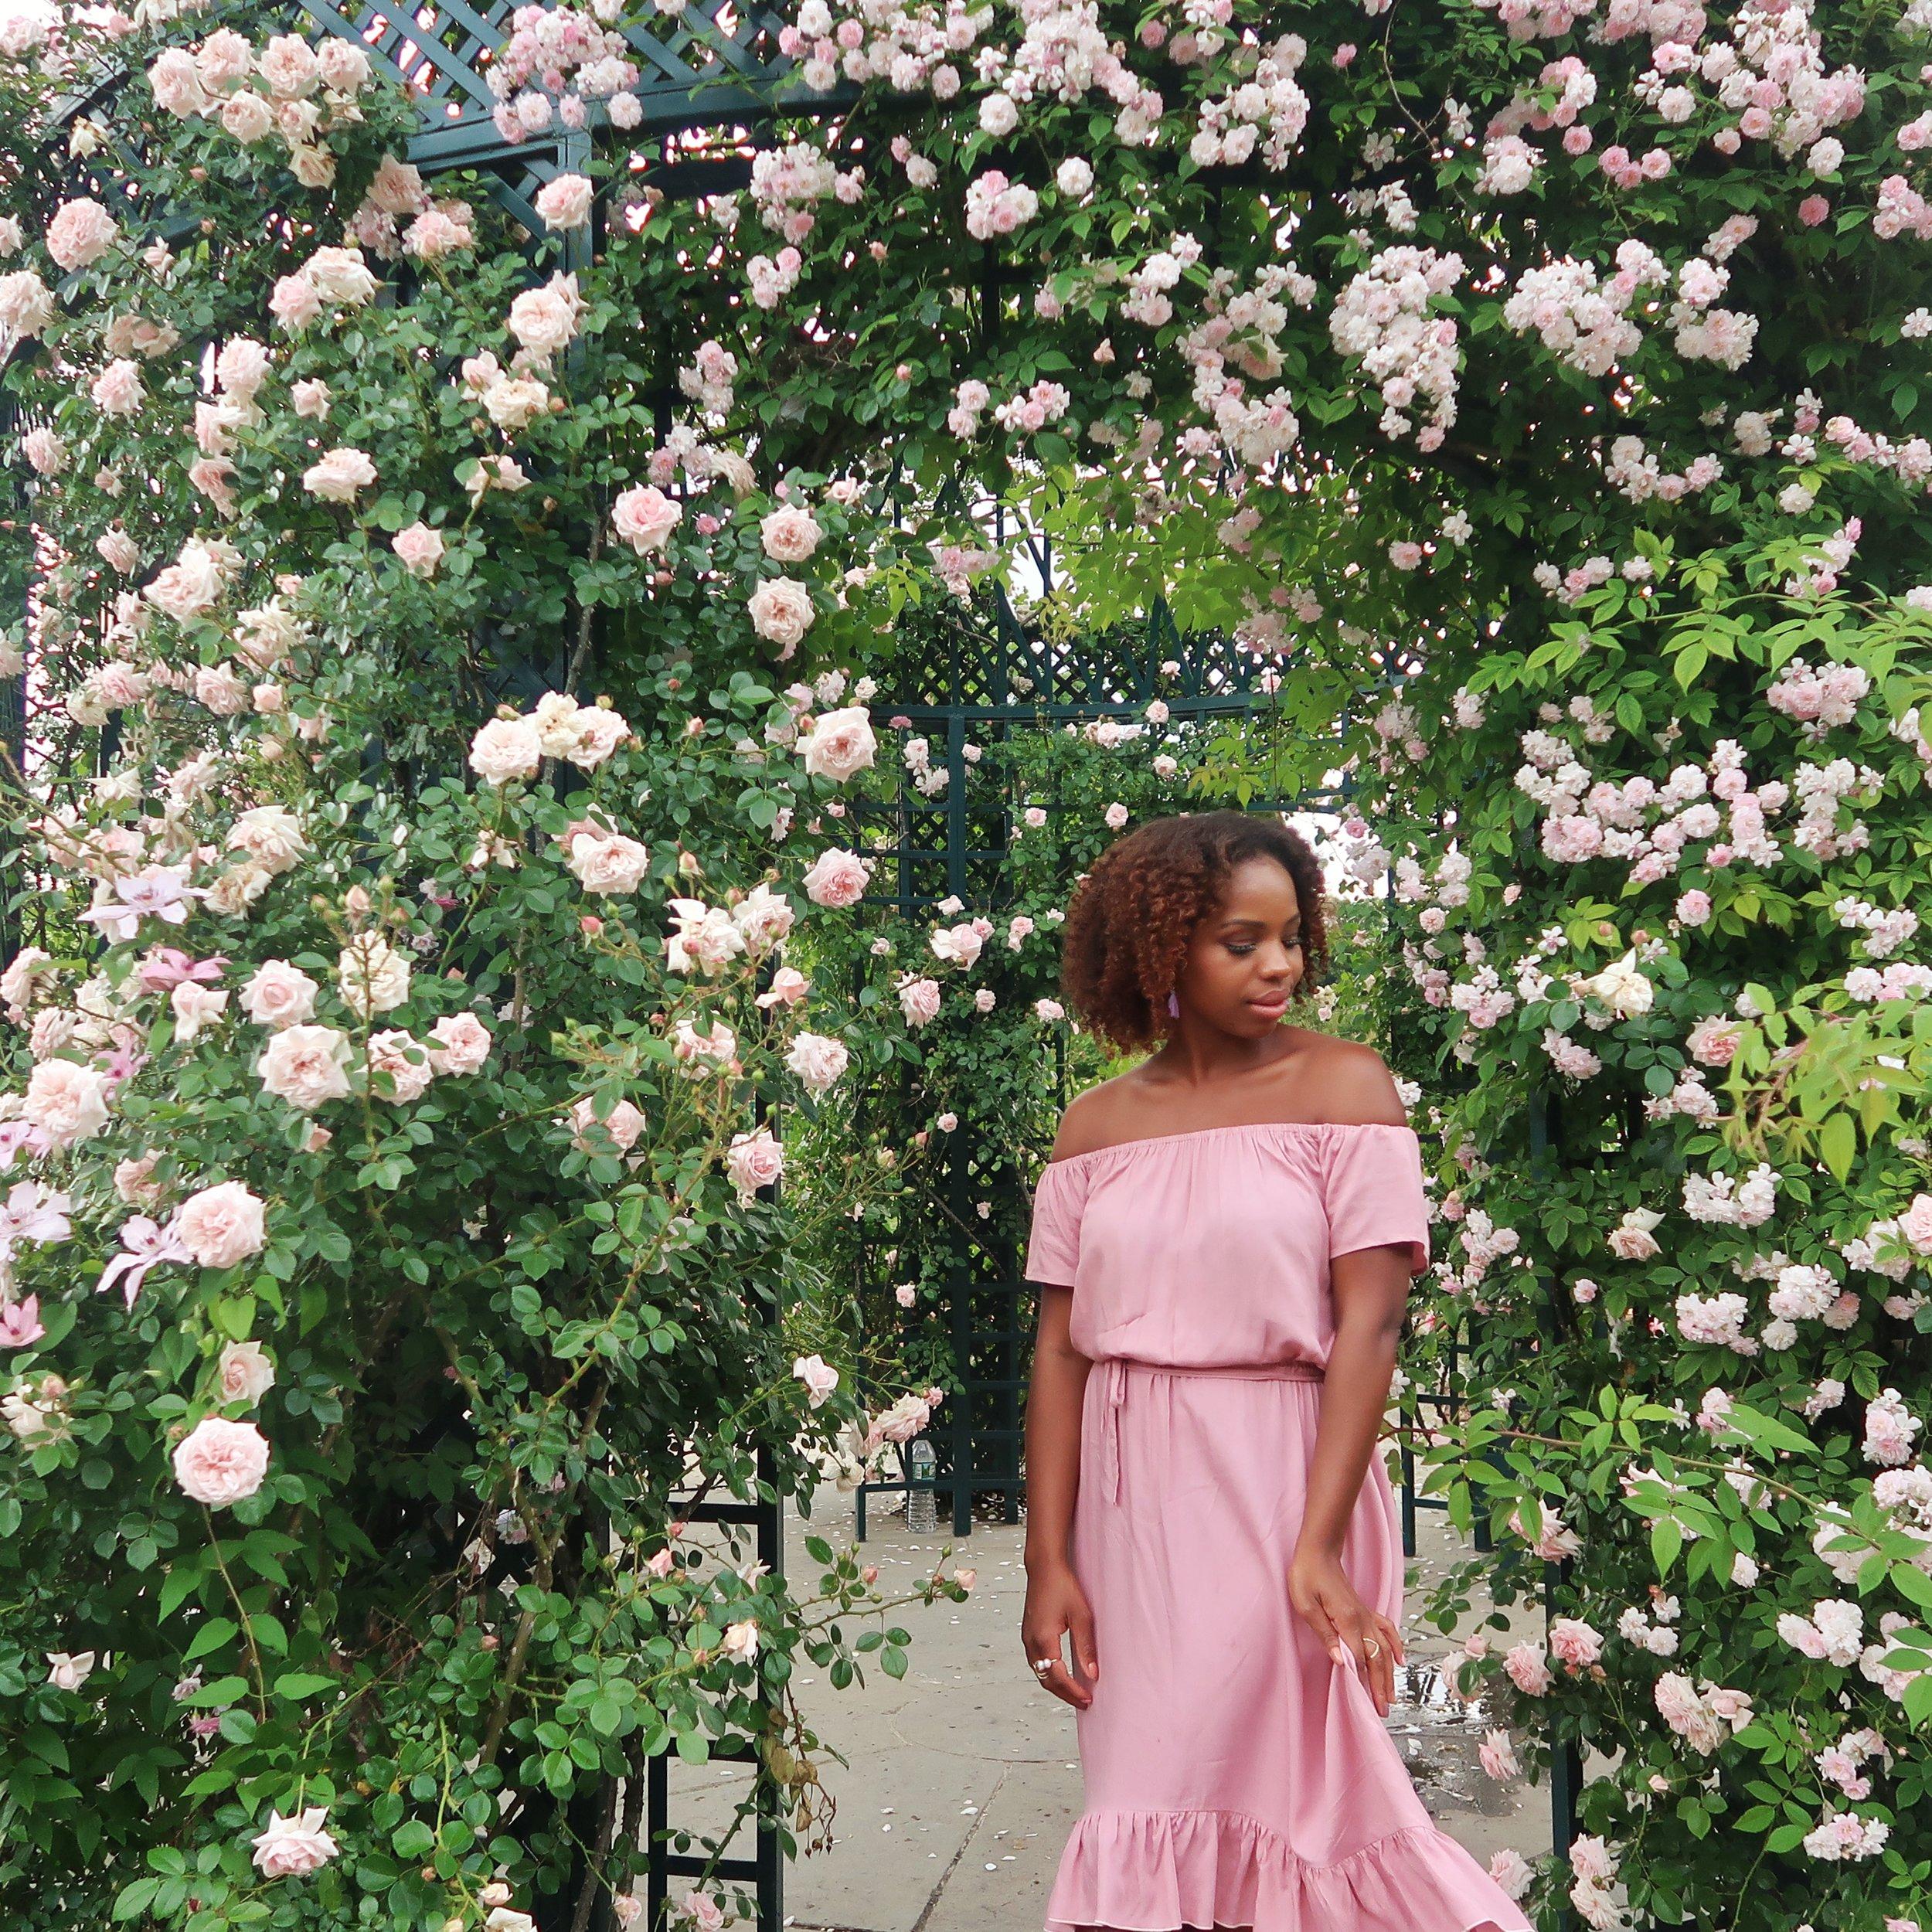 Summer Roses Full Bloom